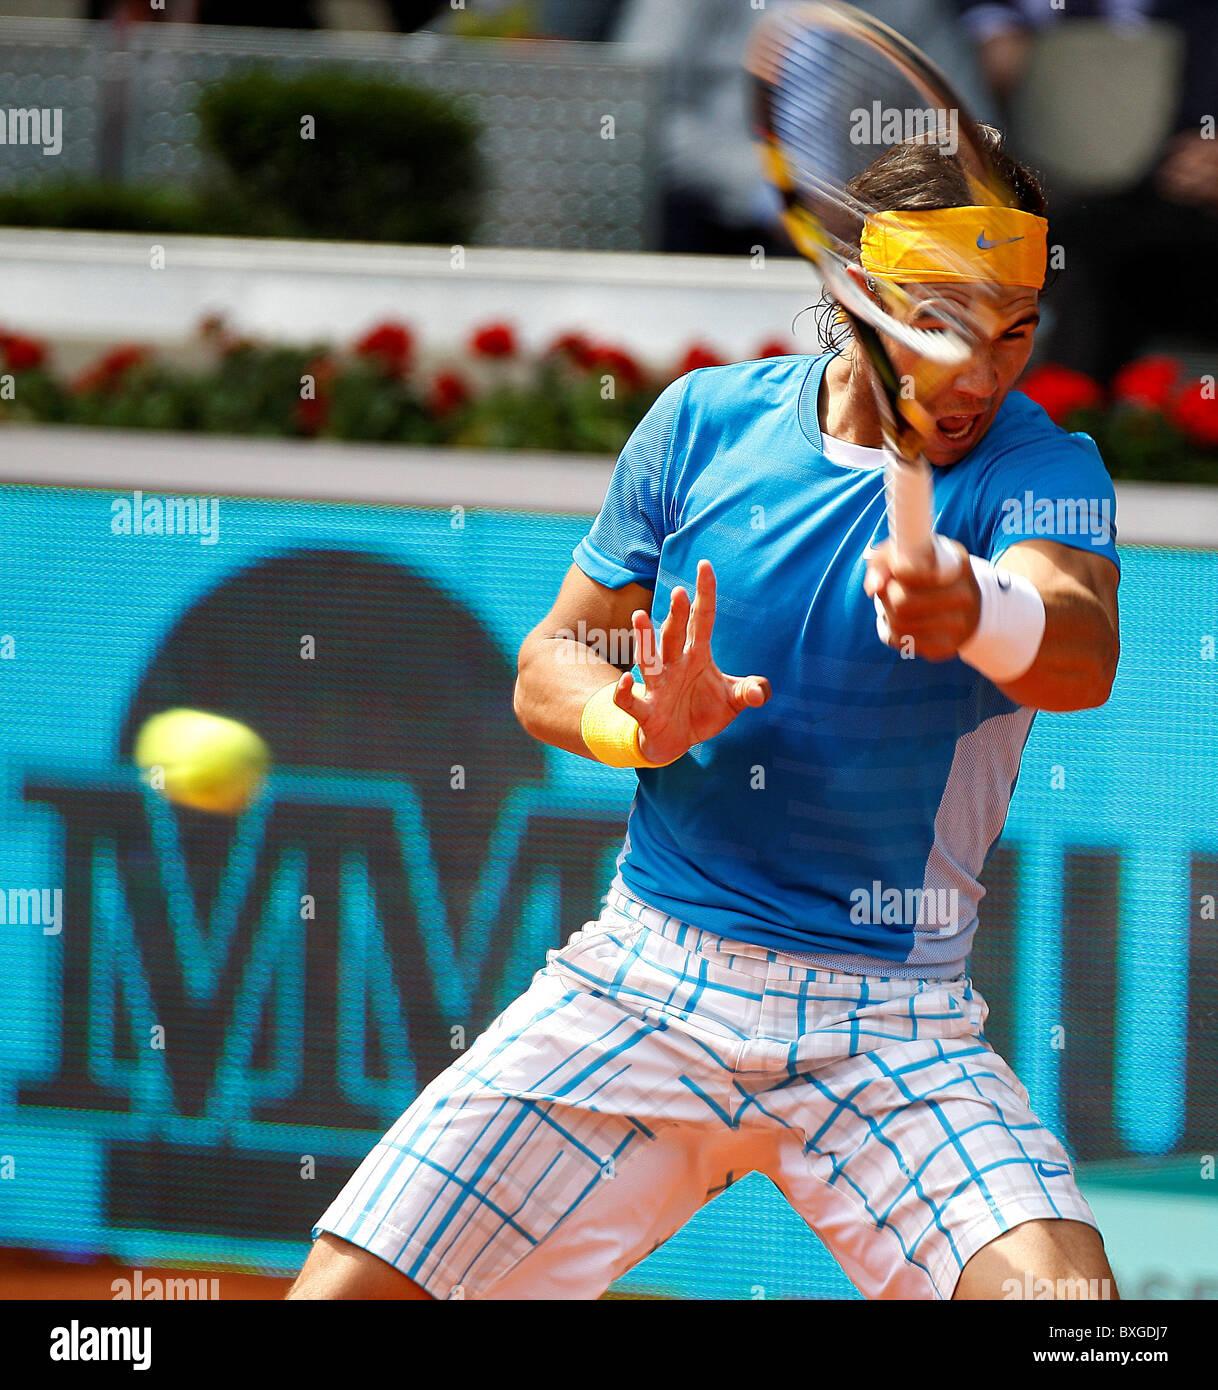 Rafael Nadal (ESP) in action against Nicolas Almagro (ESP) - Stock Image